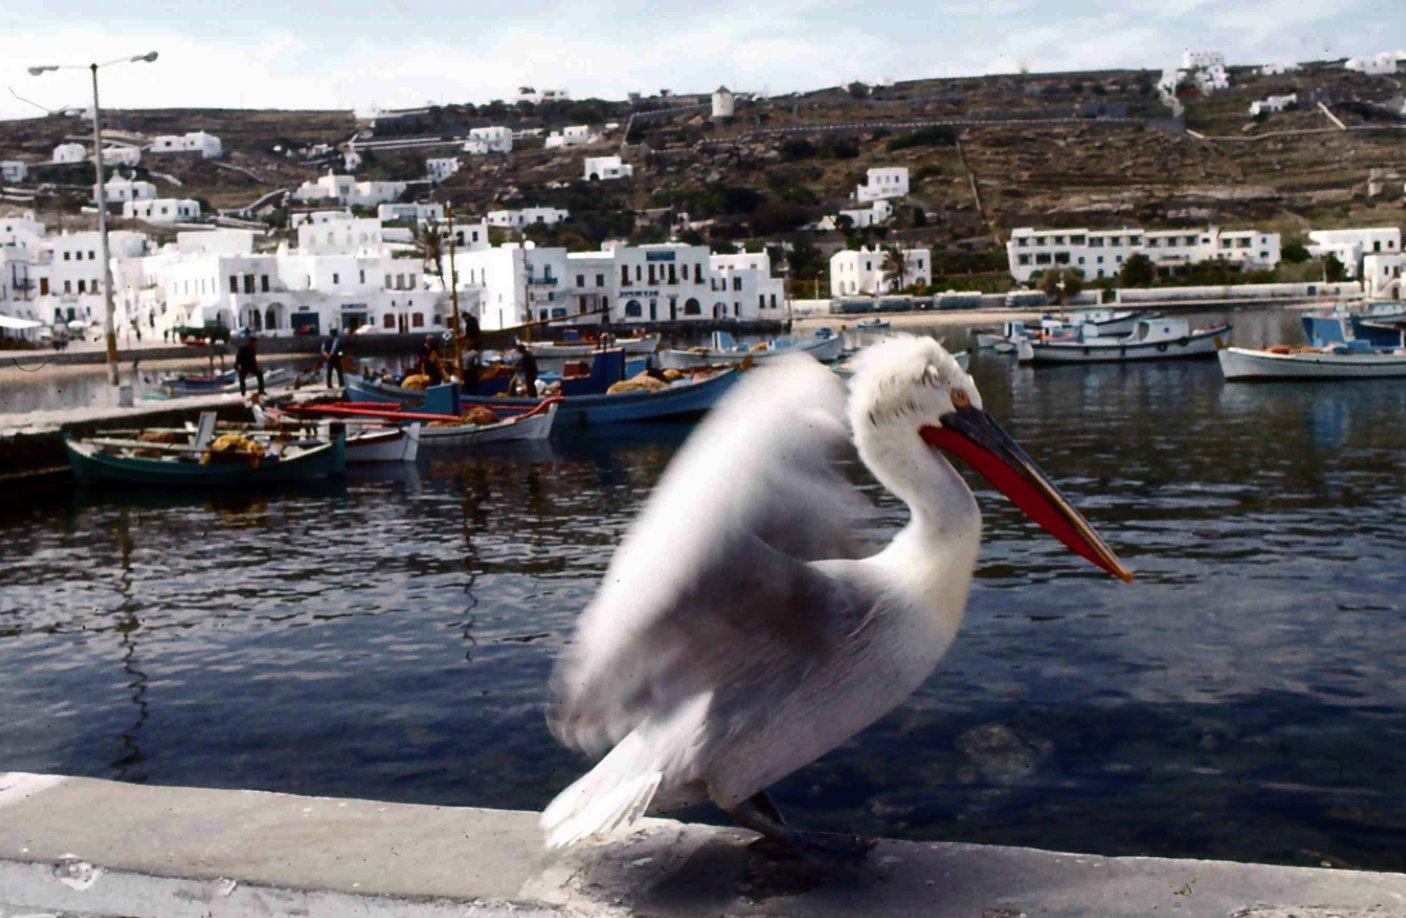 港のマスコット・ペリカン Mascot pelican of the port 現在は5羽いるらしい  ⓒToshihiko Shibano